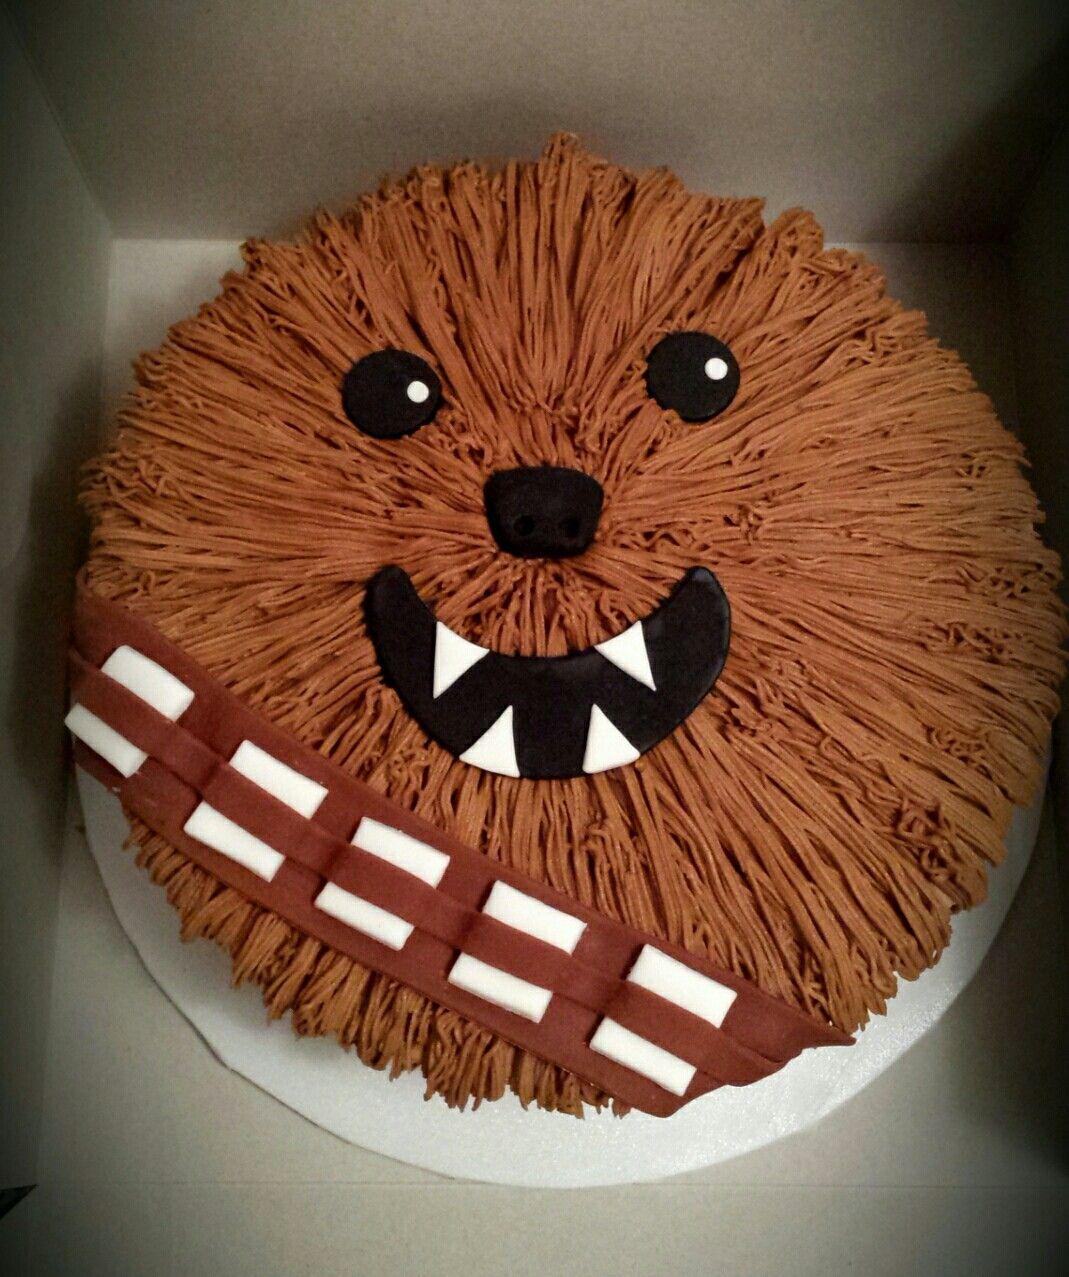 Chewbacca Birthday Cake I Made This Star Wars